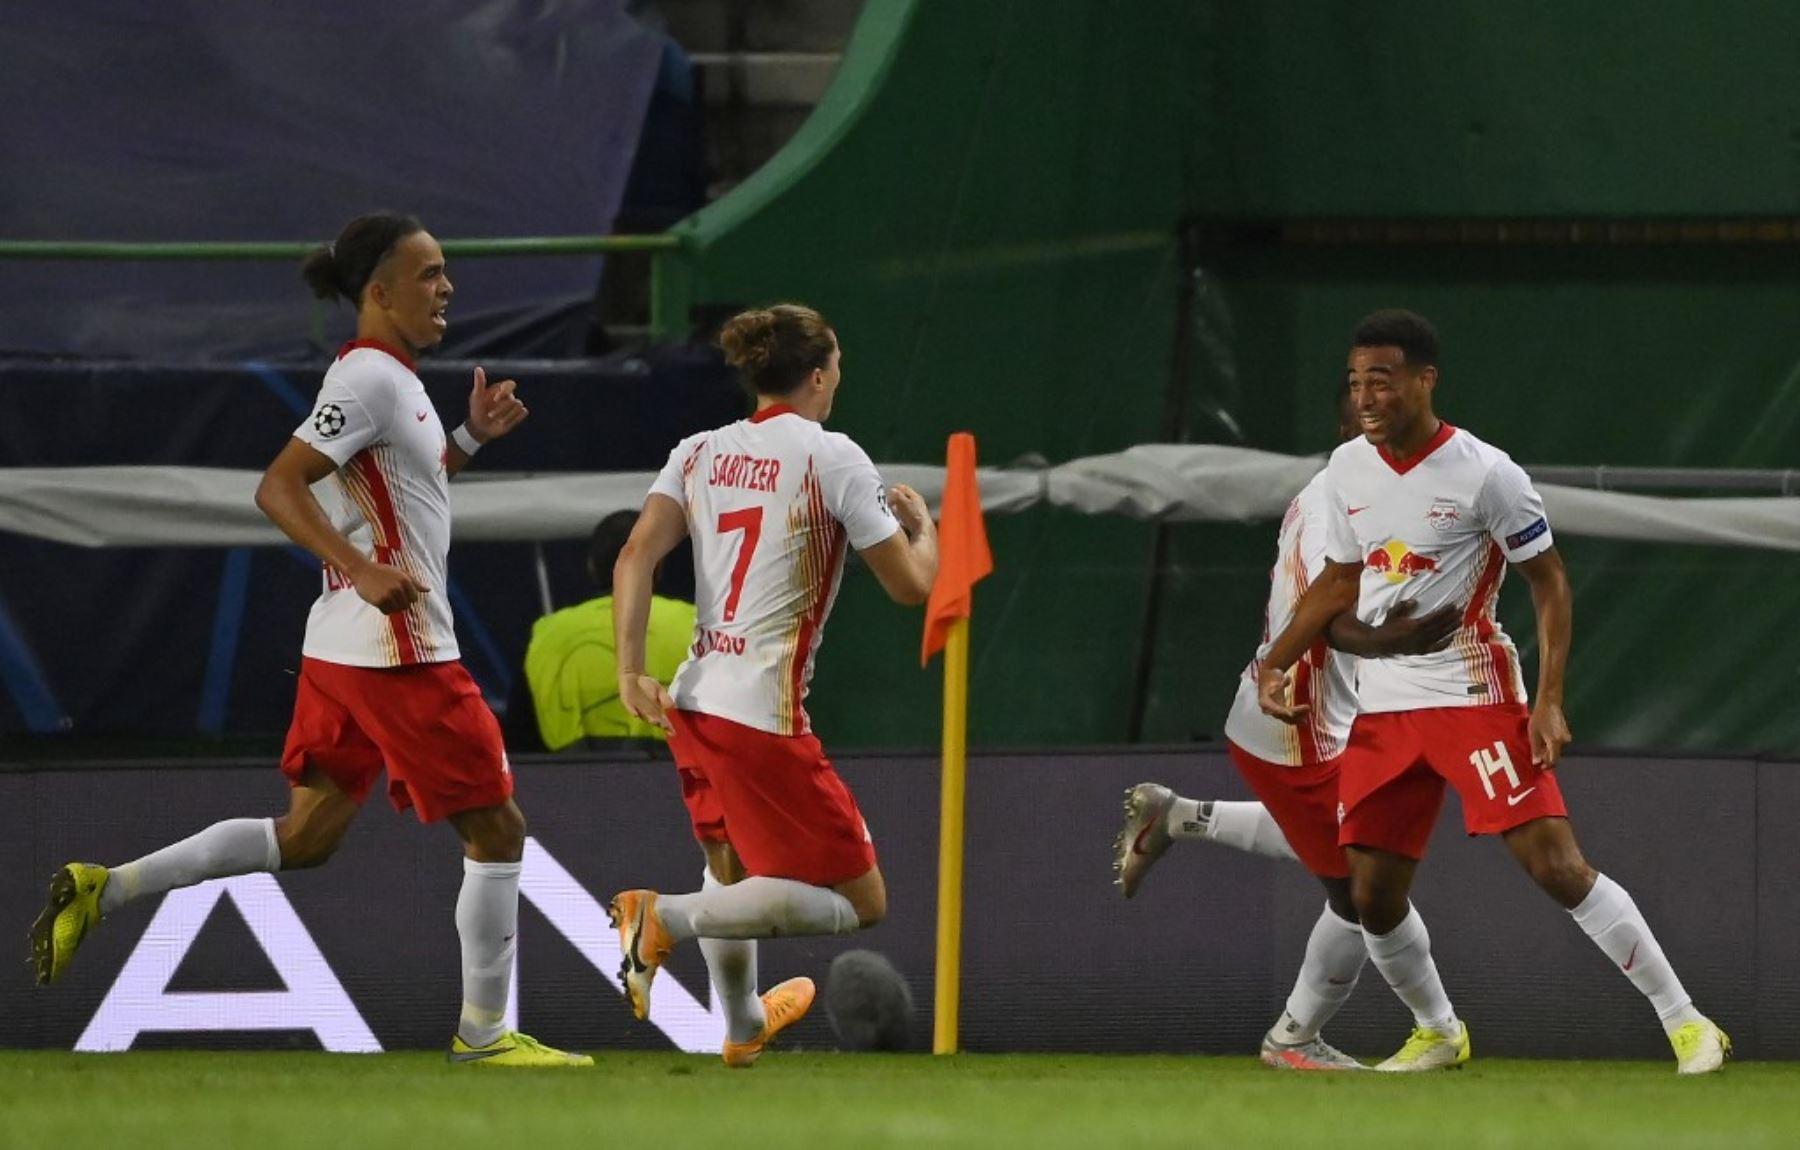 El mediocampista estadounidense de Leipzig Tyler Adams celebra su gol con sus compañeros durante el partido de fútbol de cuartos de final de la Liga de Campeones de la UEFA entre Leipzig y Atlético de Madrid en el estadio José Alvalade de Lisboa.Foto:AFP